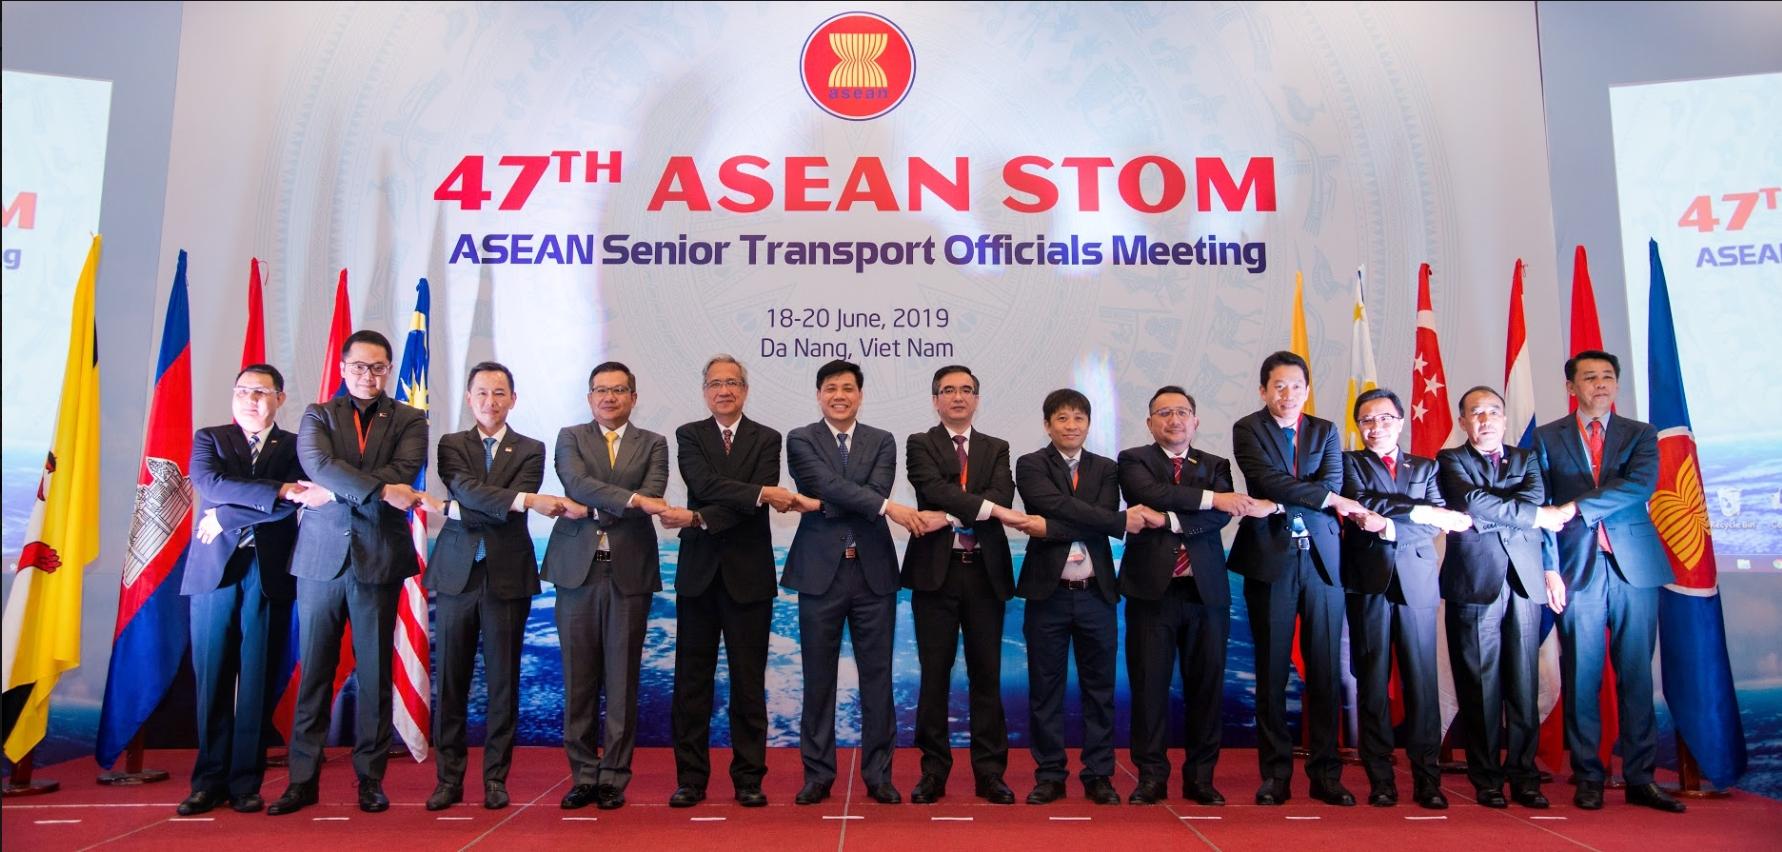 Hội nghị các Quan chức cao cấp giao thông vận tải ASEAN lần thứ 47 (STOM 47)